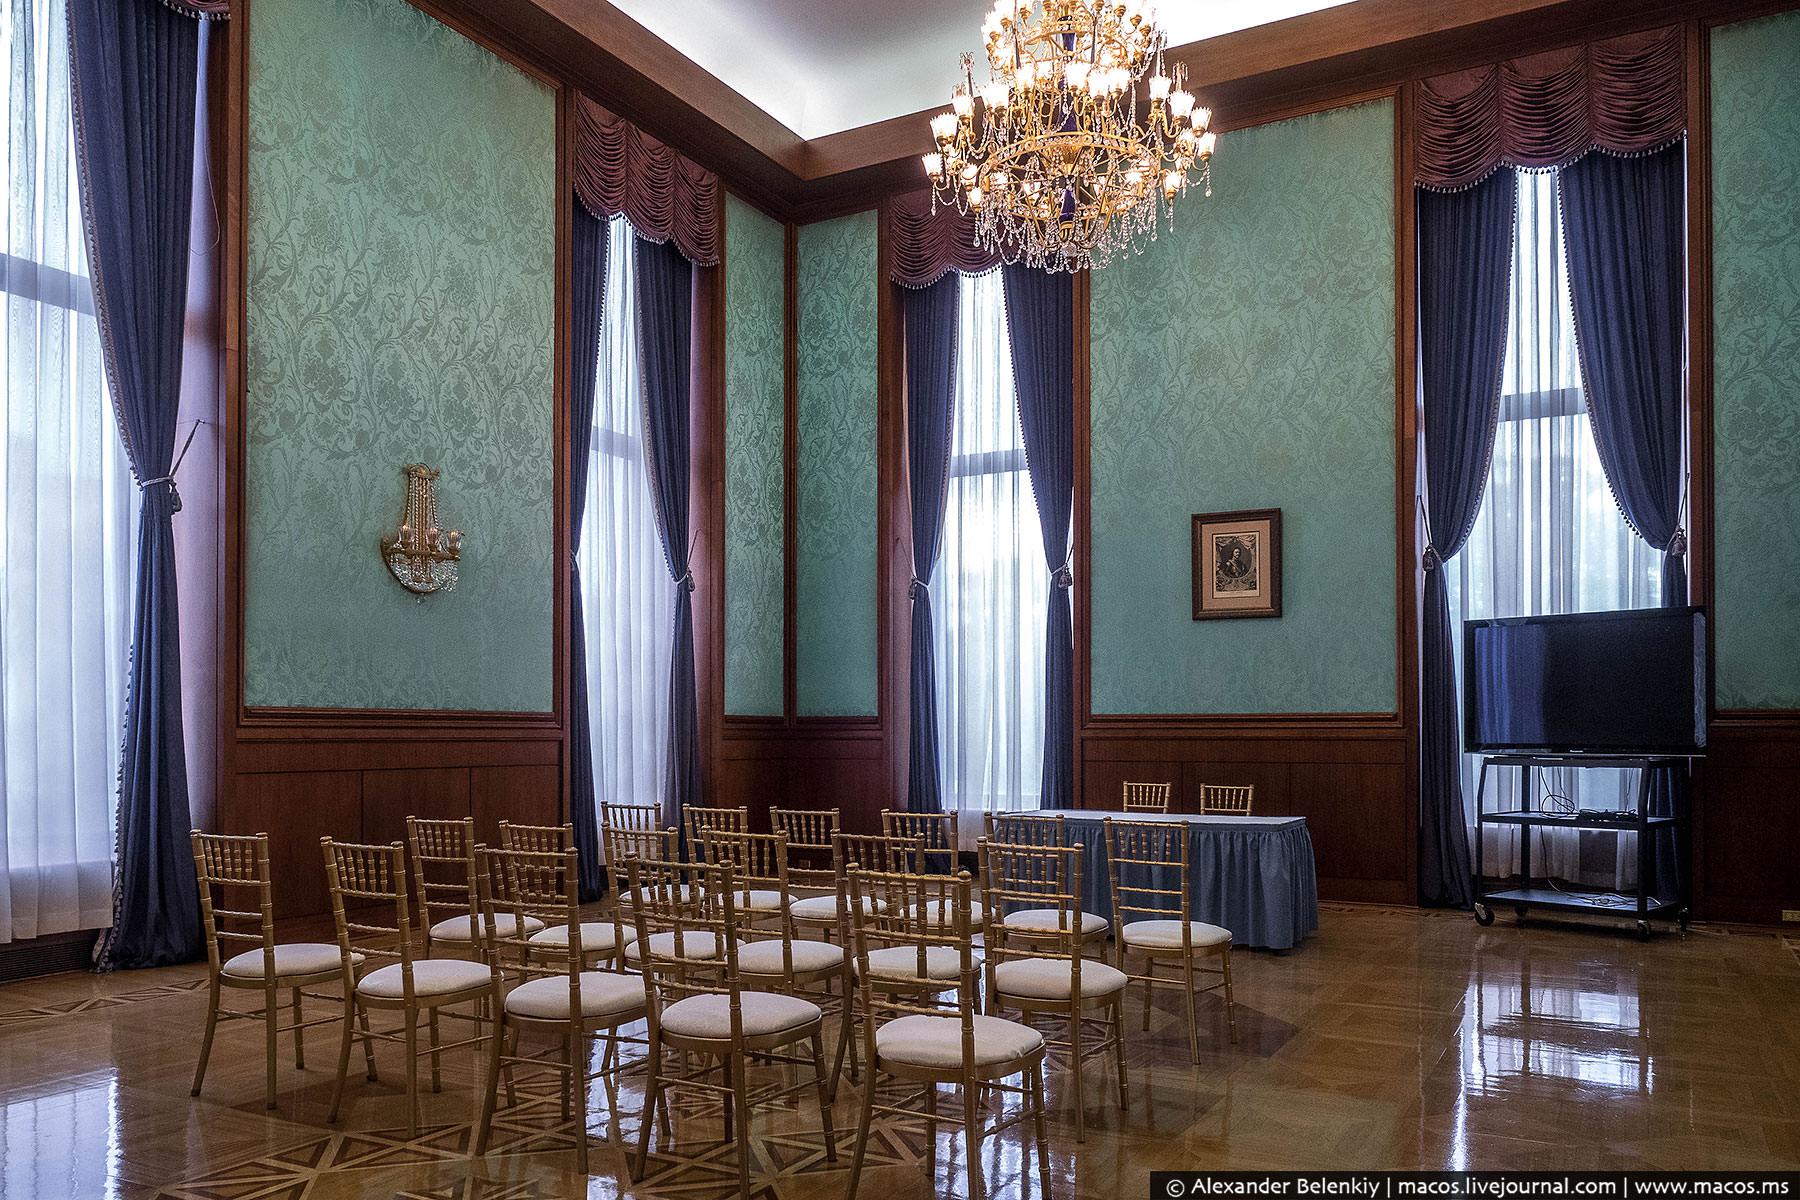 Торжественные приемы проходят не только в золотом зале, но и в четырех комнатах поменьше, каждая из